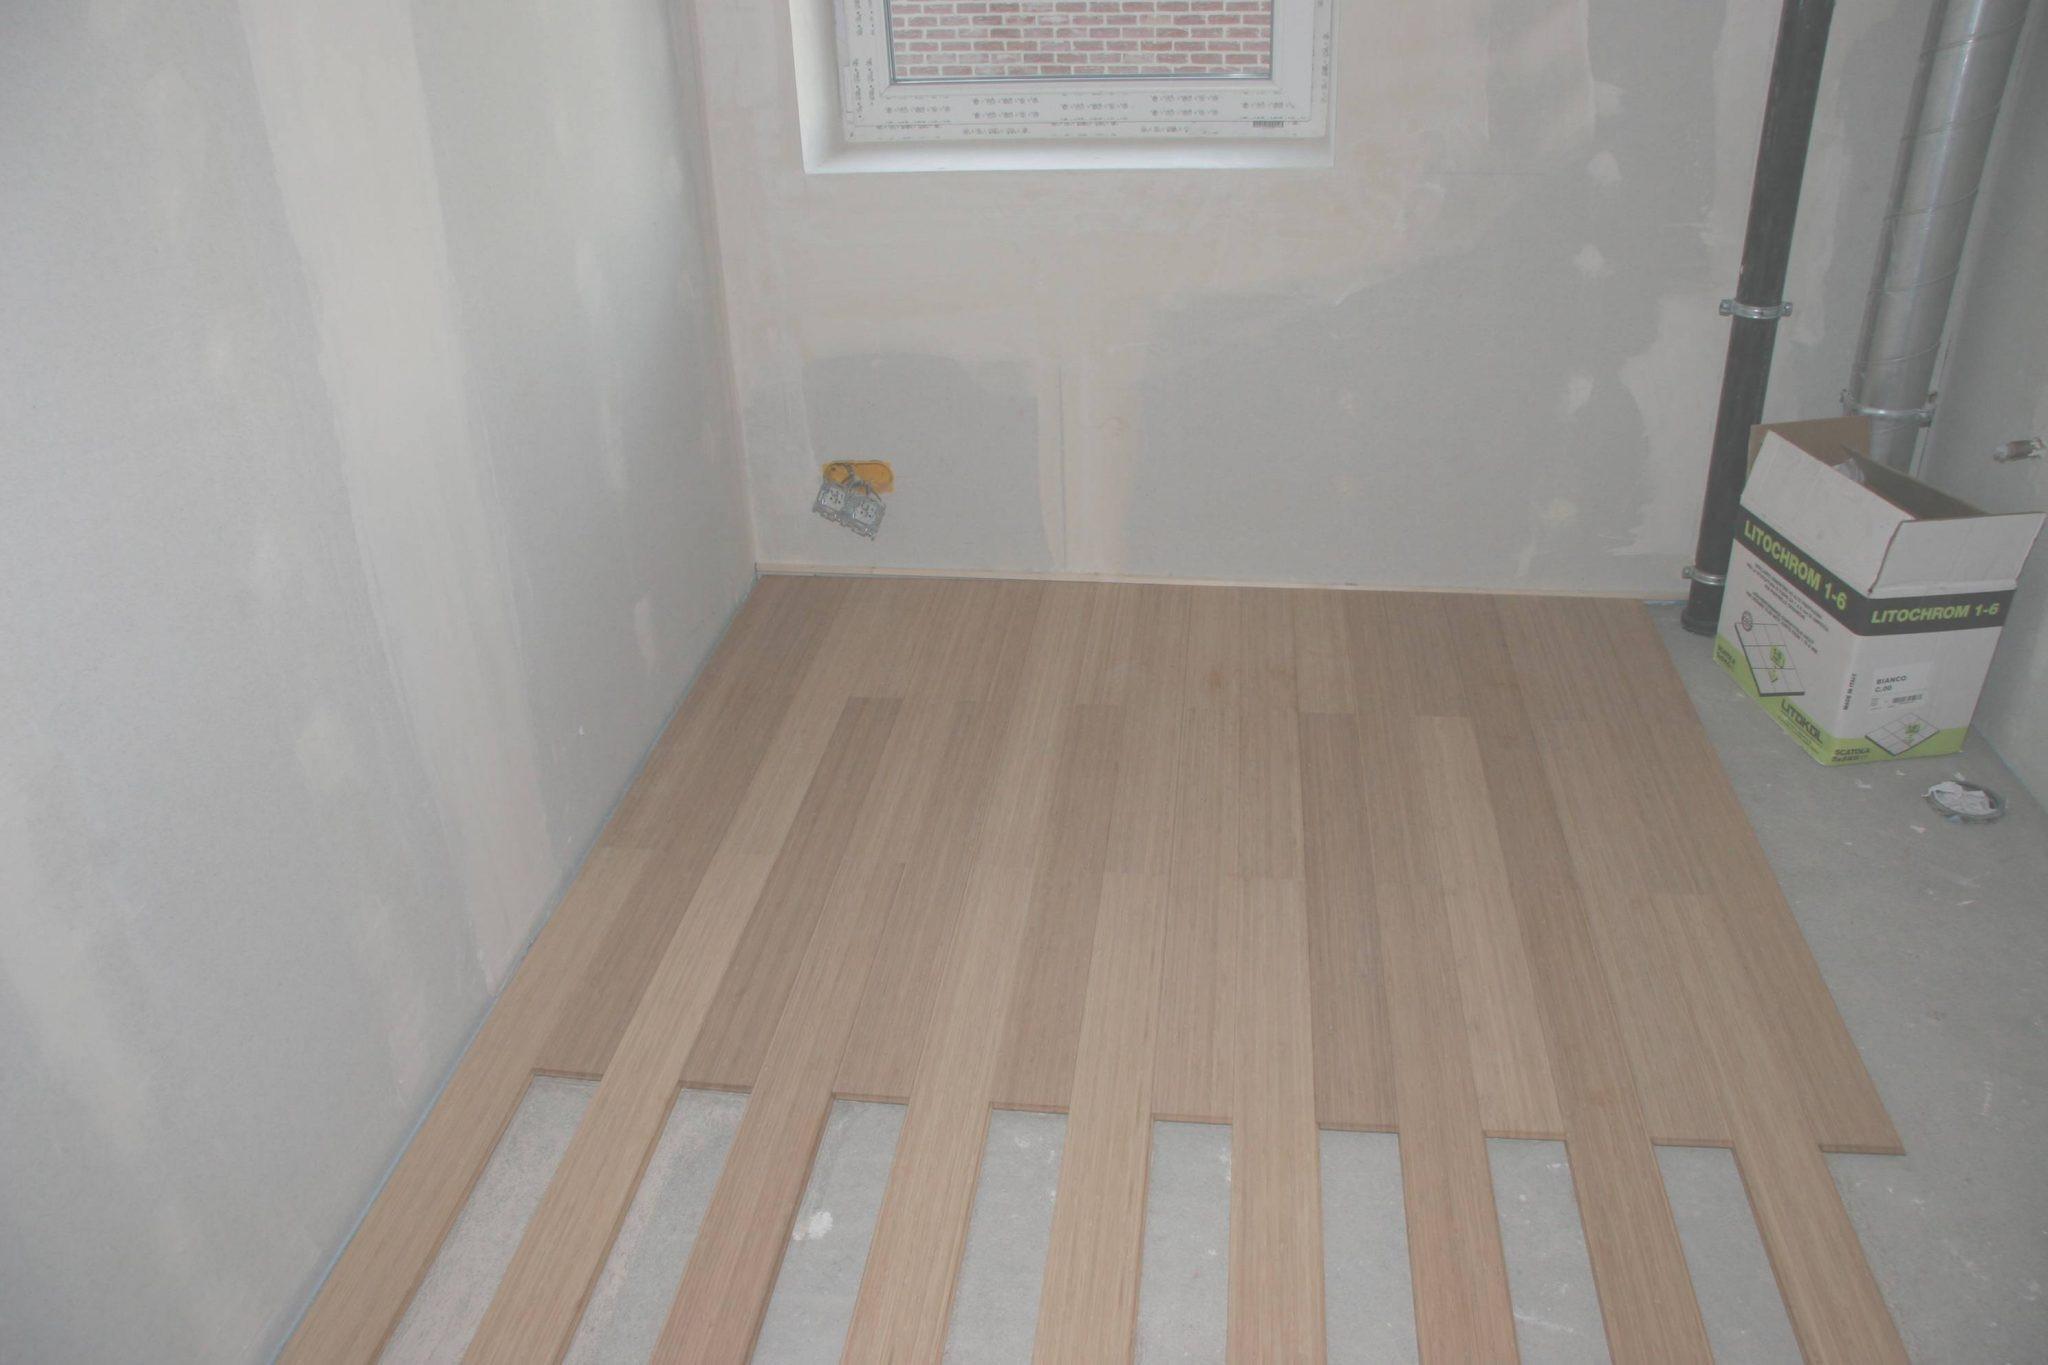 Stratifié Salle De Bain Castorama Luxe Images Parquet Flottant Ikea Pas Cher Avec Parquet Flottant Castorama Avec